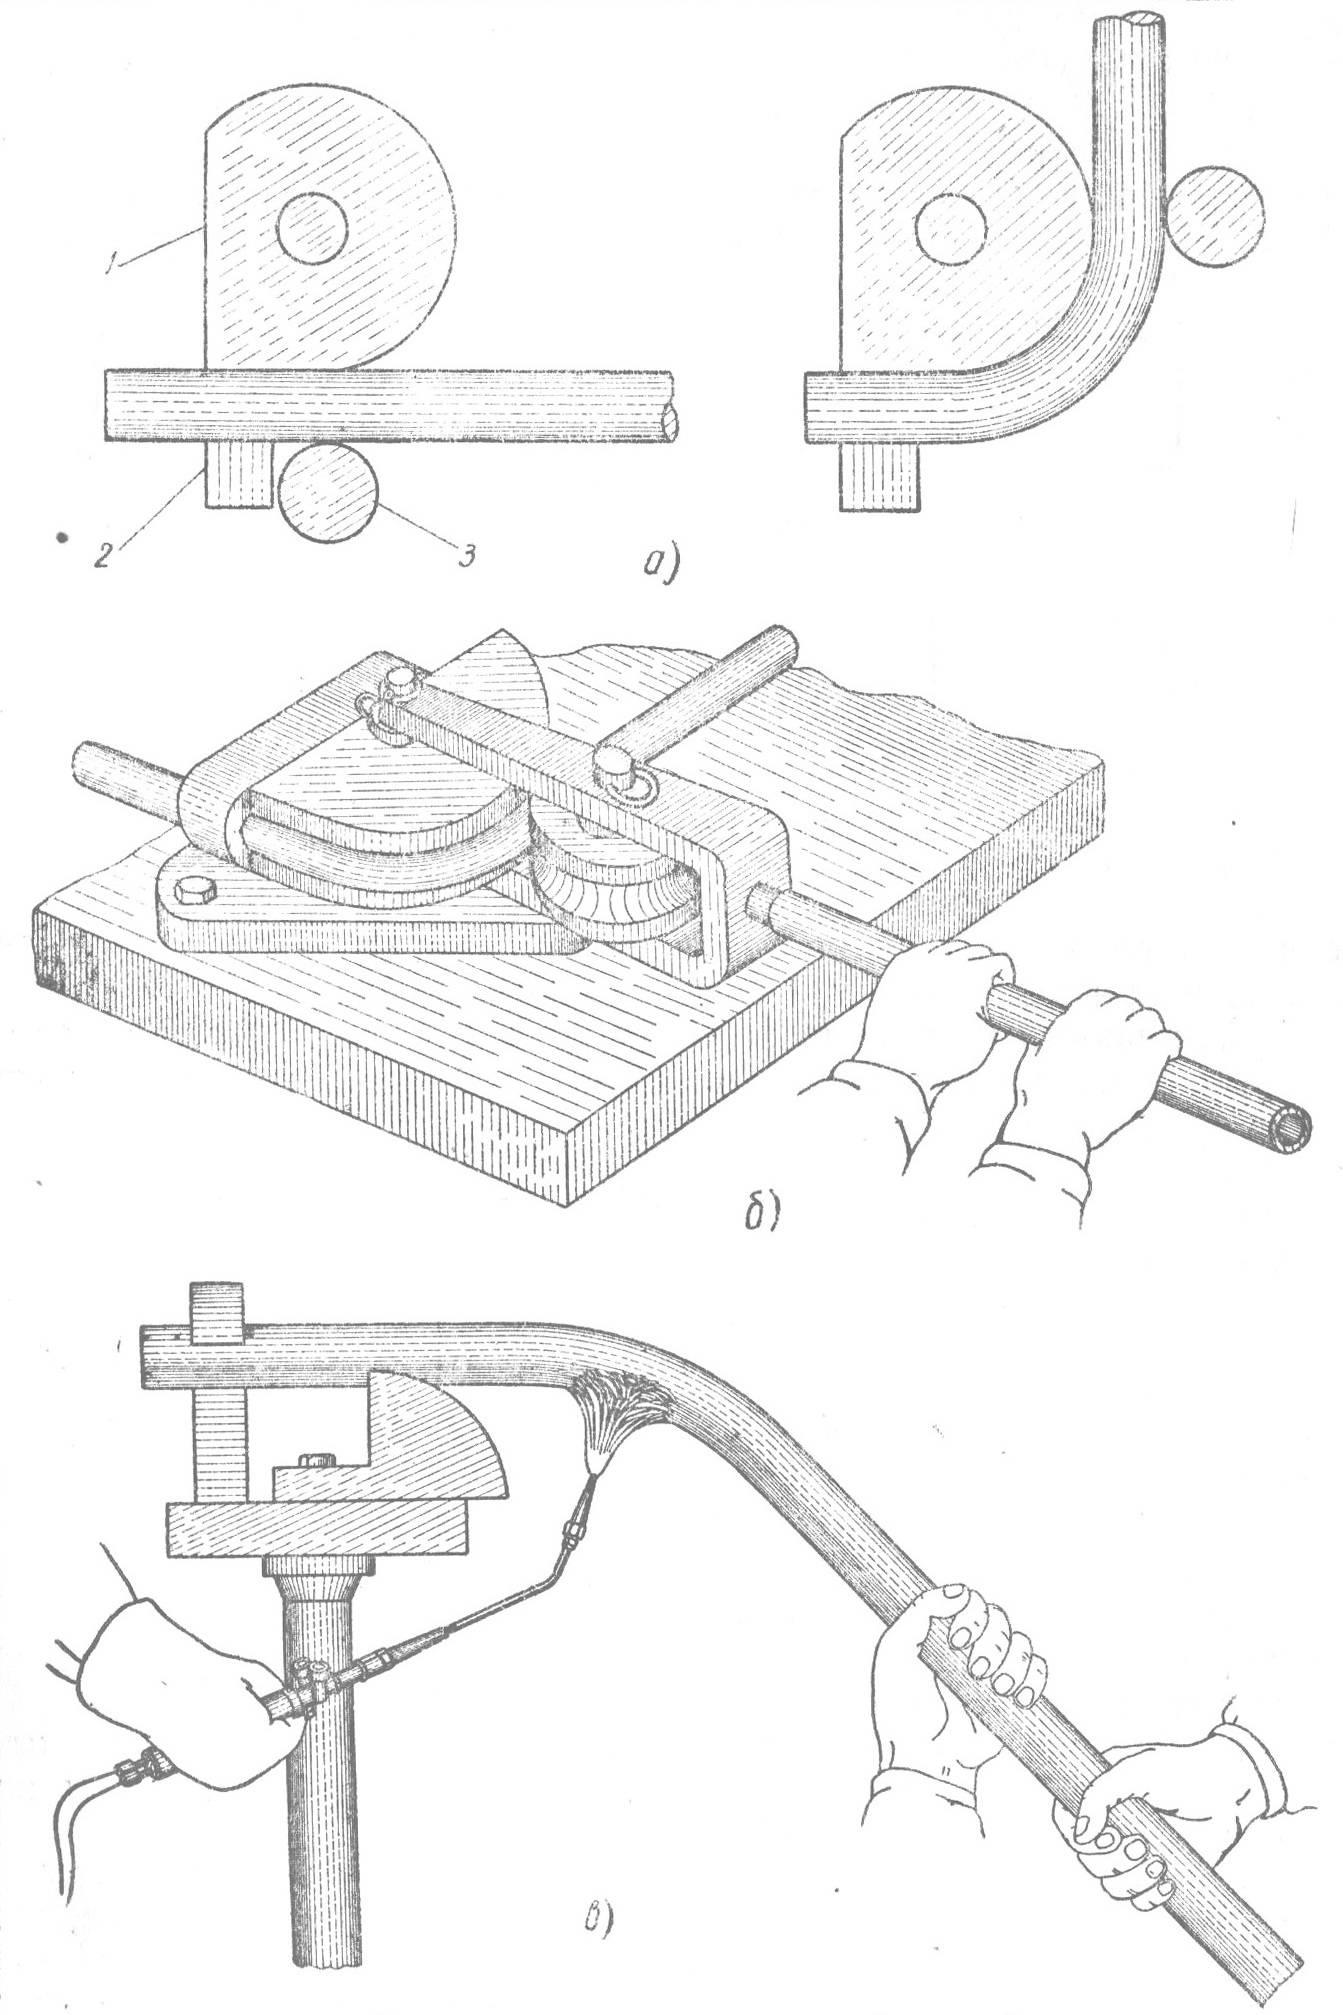 Как согнуть трубу без трубогиба